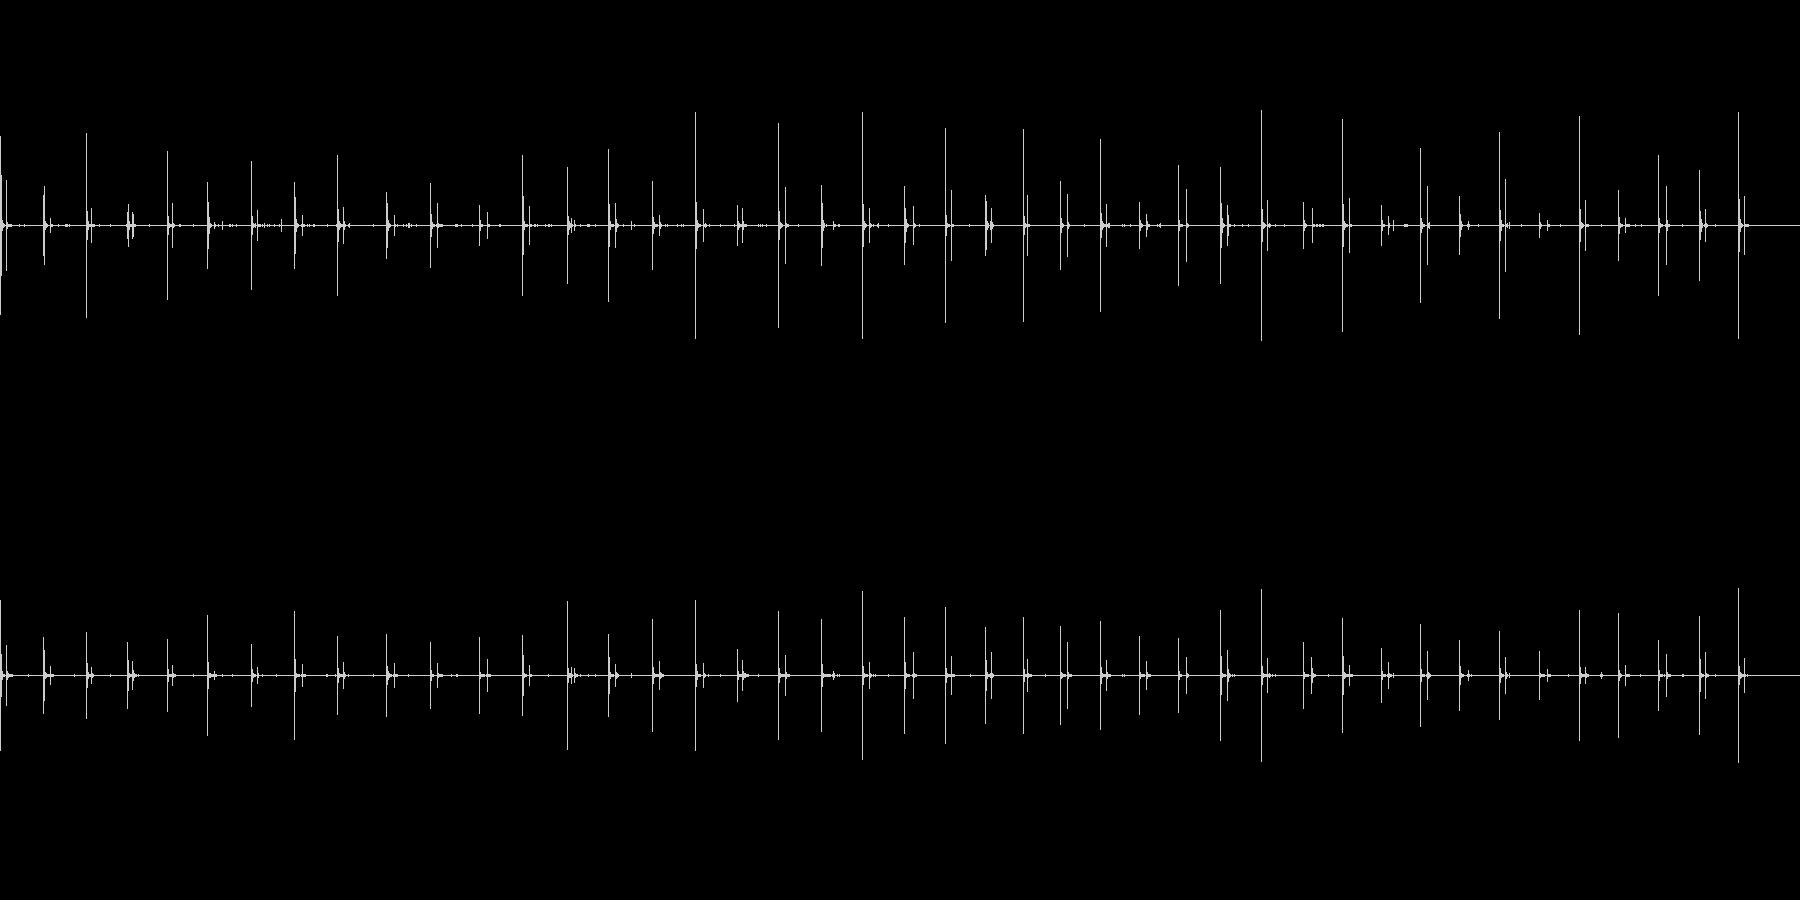 女性、スローウッドの足音、女性の足音の未再生の波形